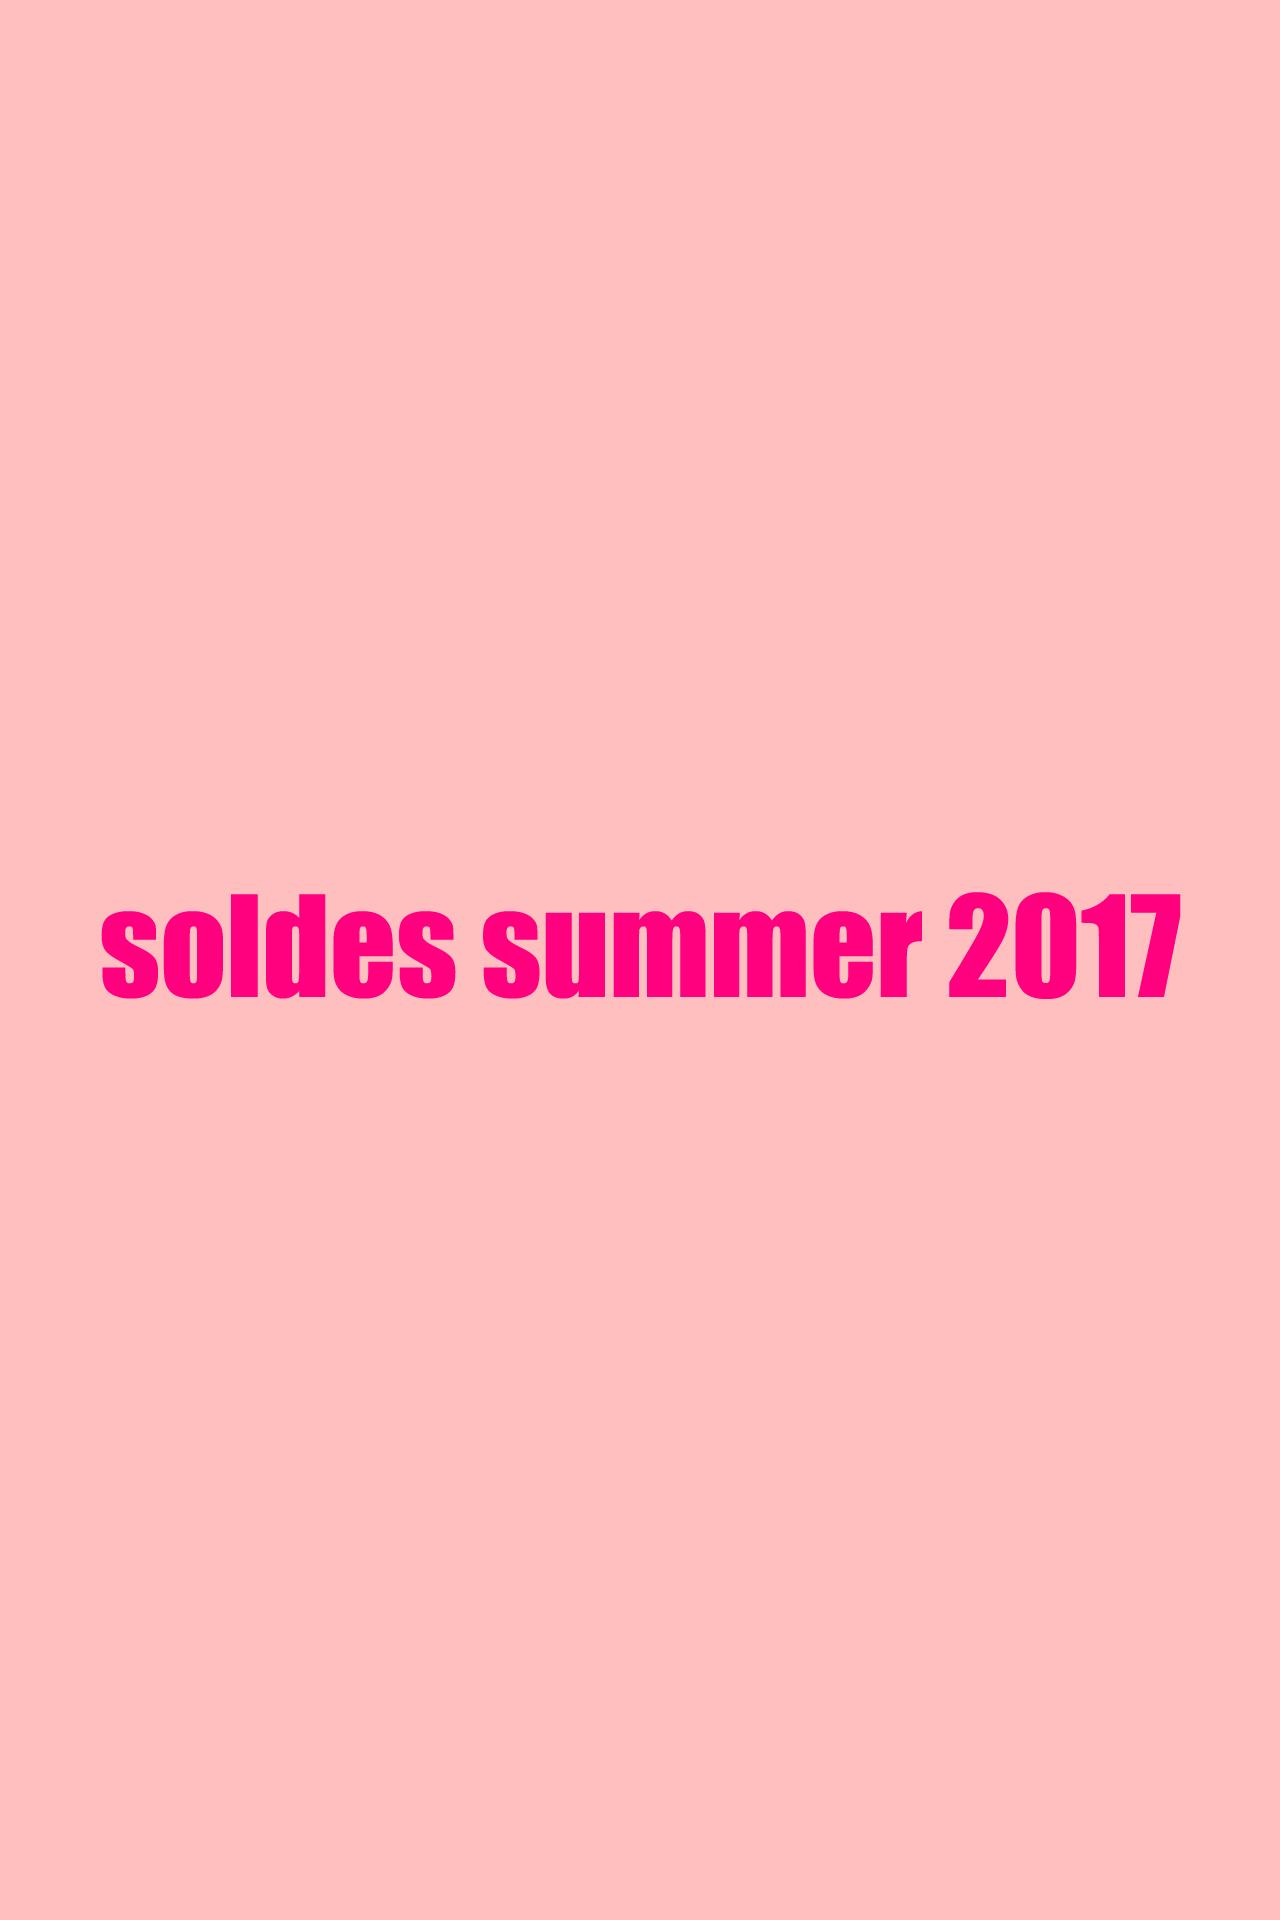 soldes 2017